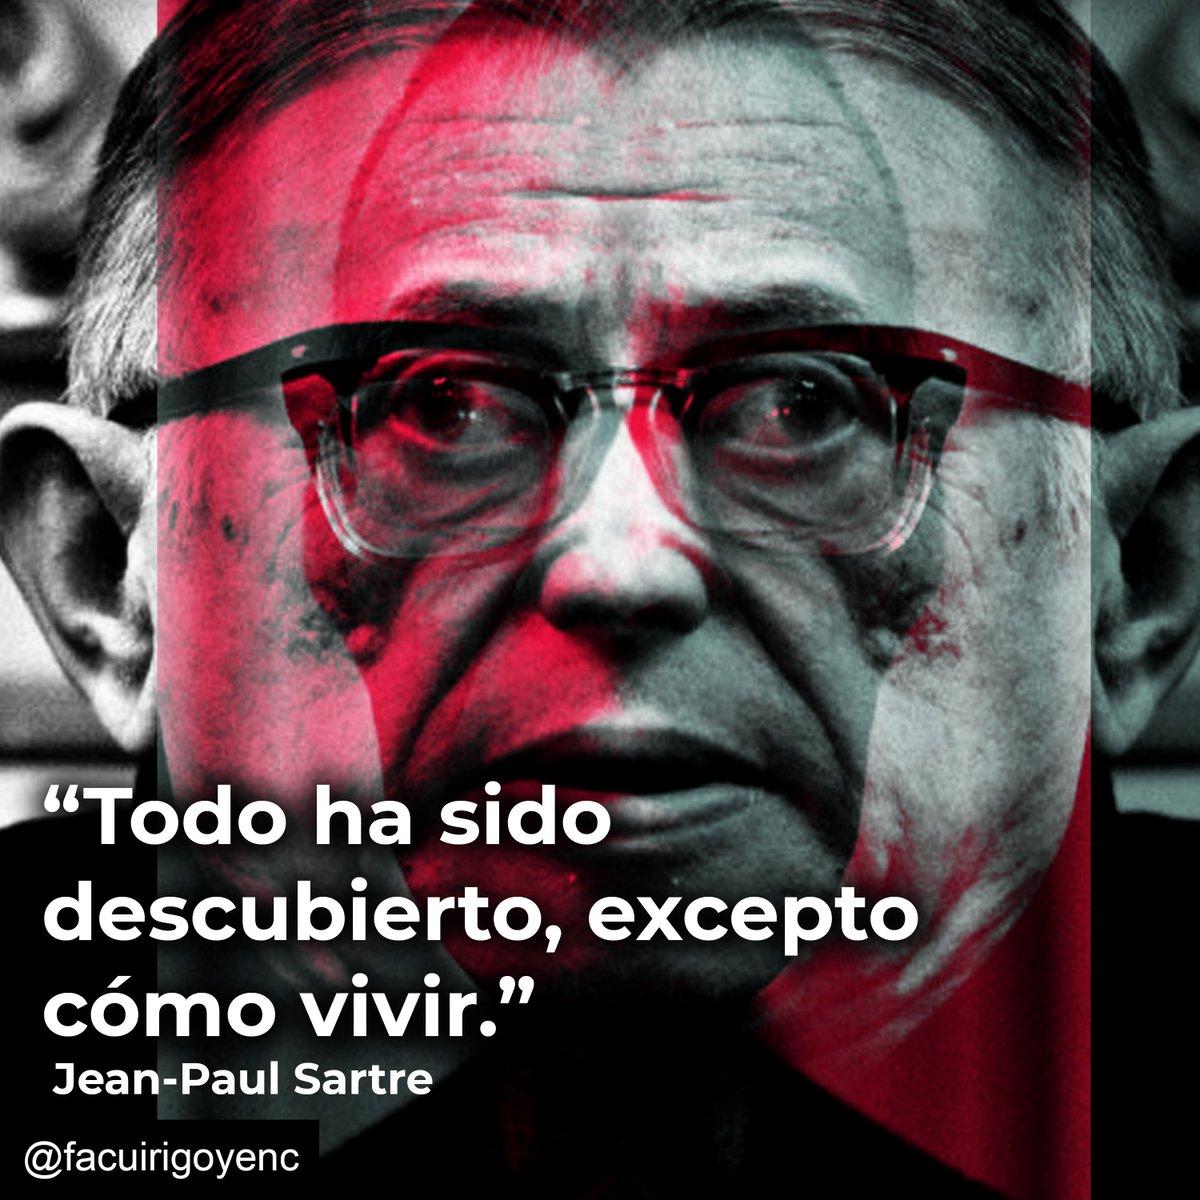 Sartreenpantuflas Hashtag On Twitter